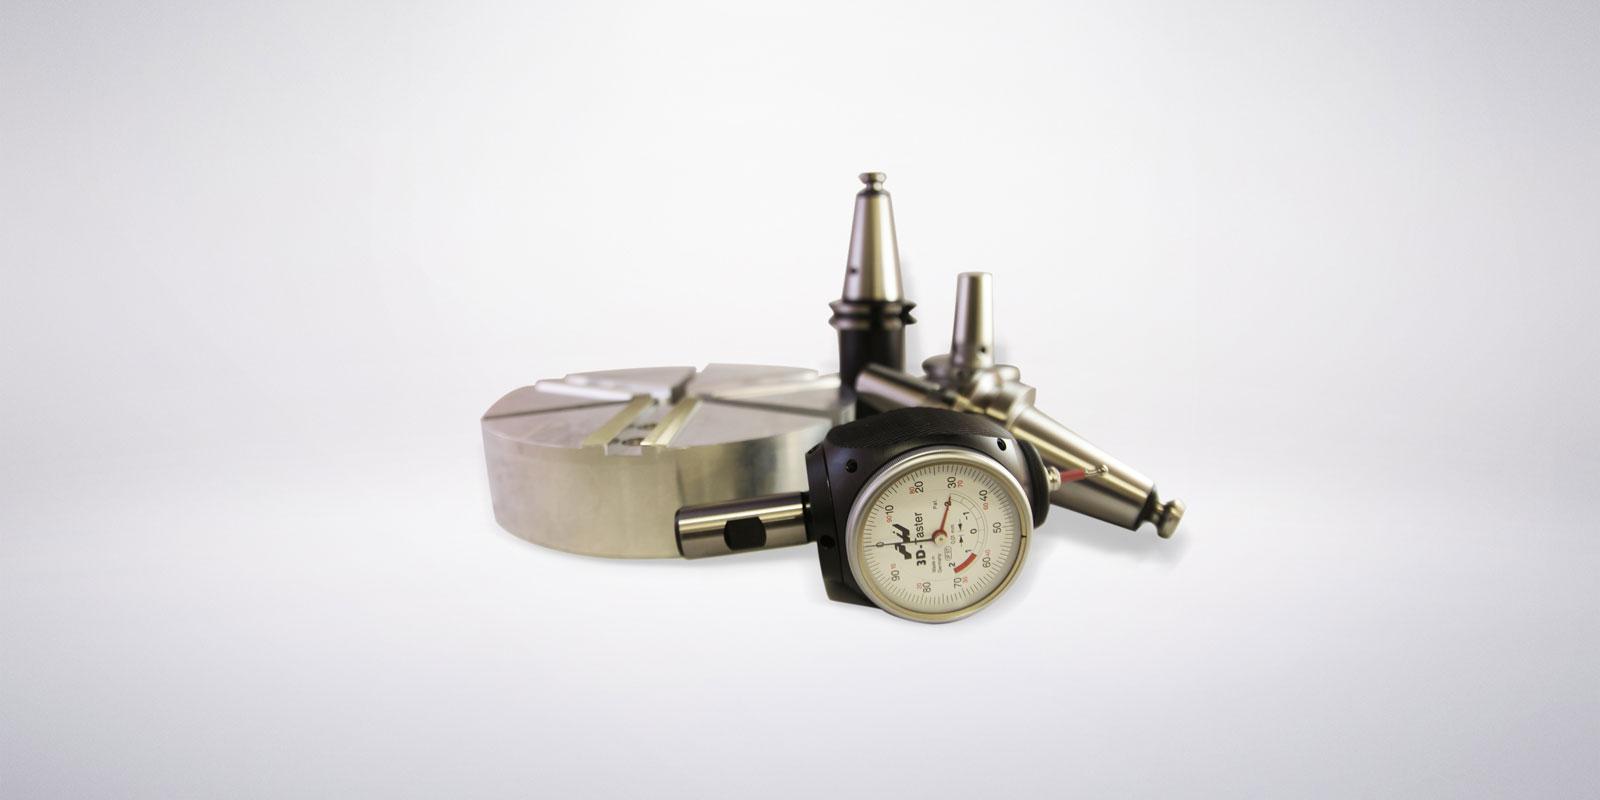 Accessoires de machine-outils pour usinage LOA OUTILLAGEs - LOA OUTILLAGE